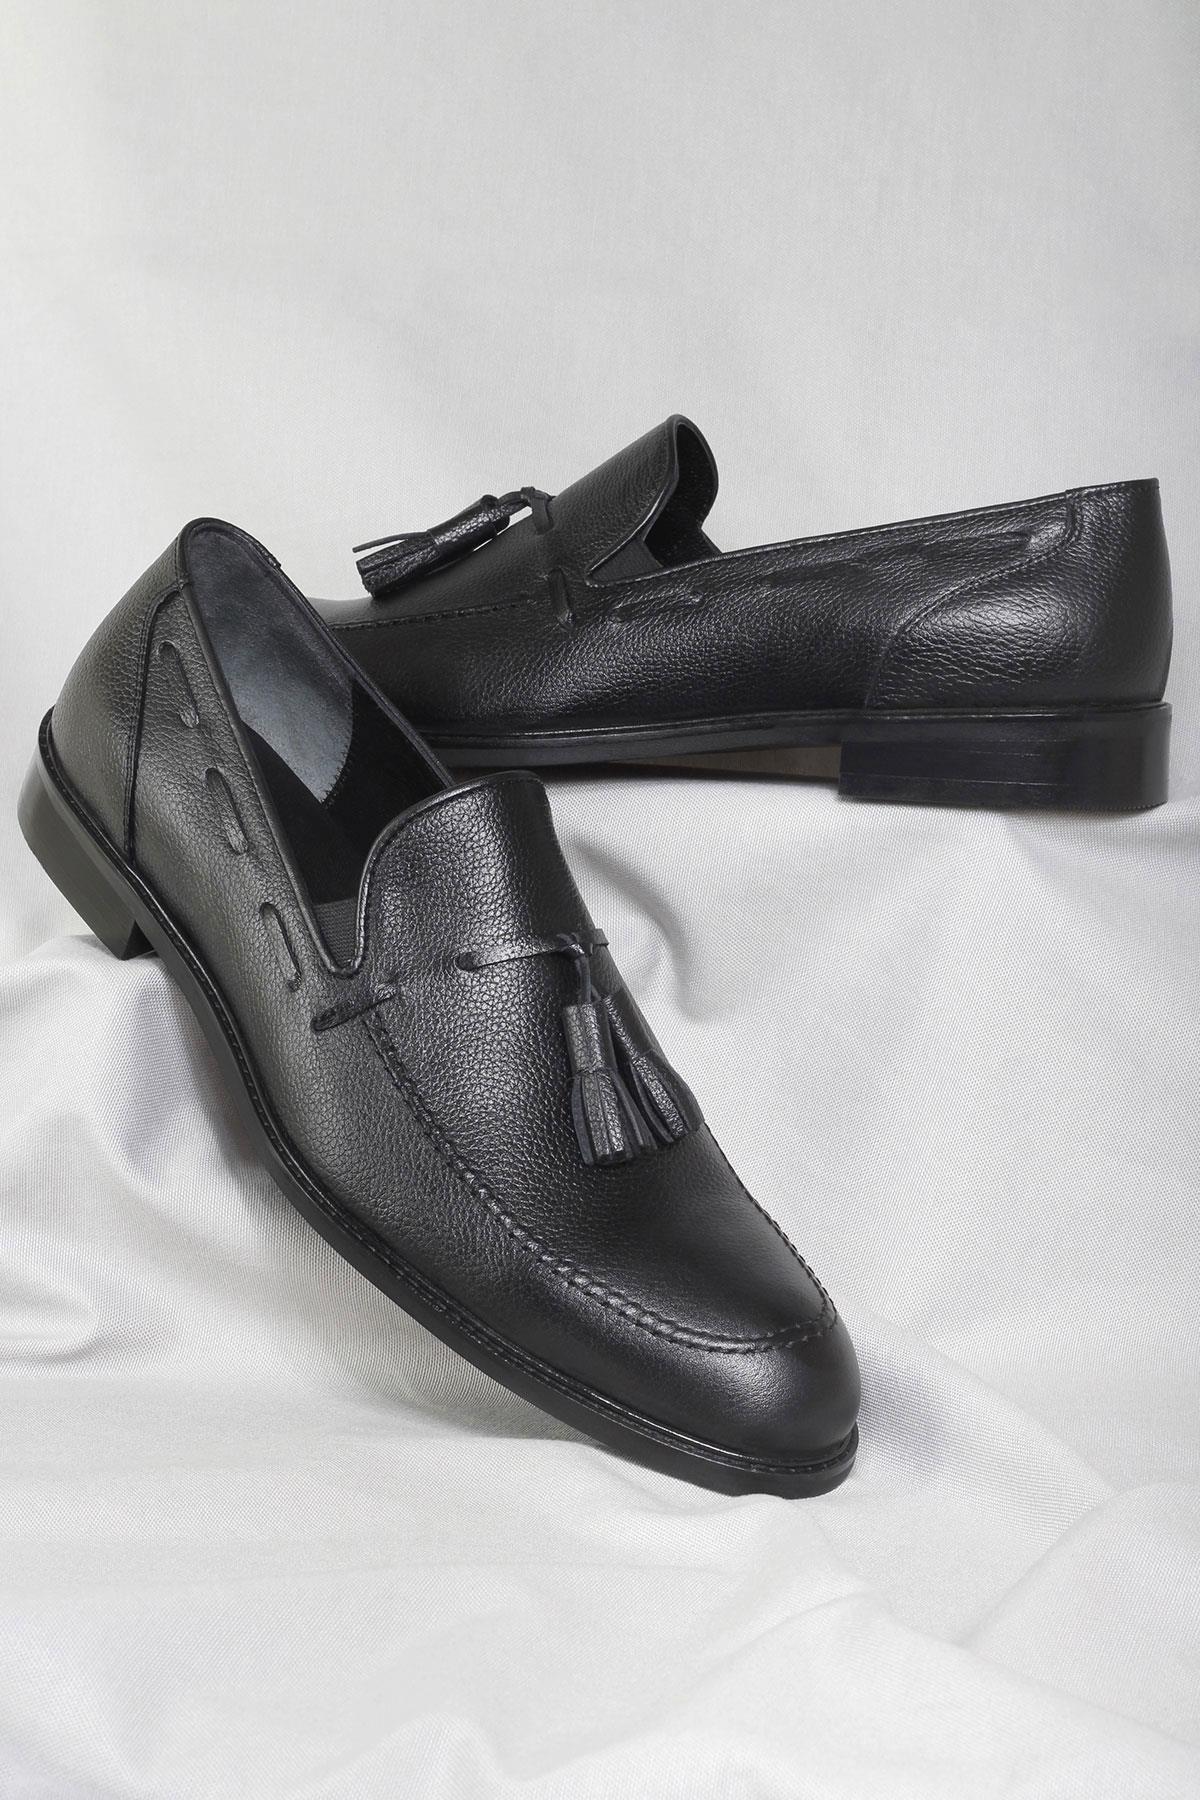 Buyuksun Hakiki Deri Erkek Loafer Klasik Ayakkabı 36.163.17